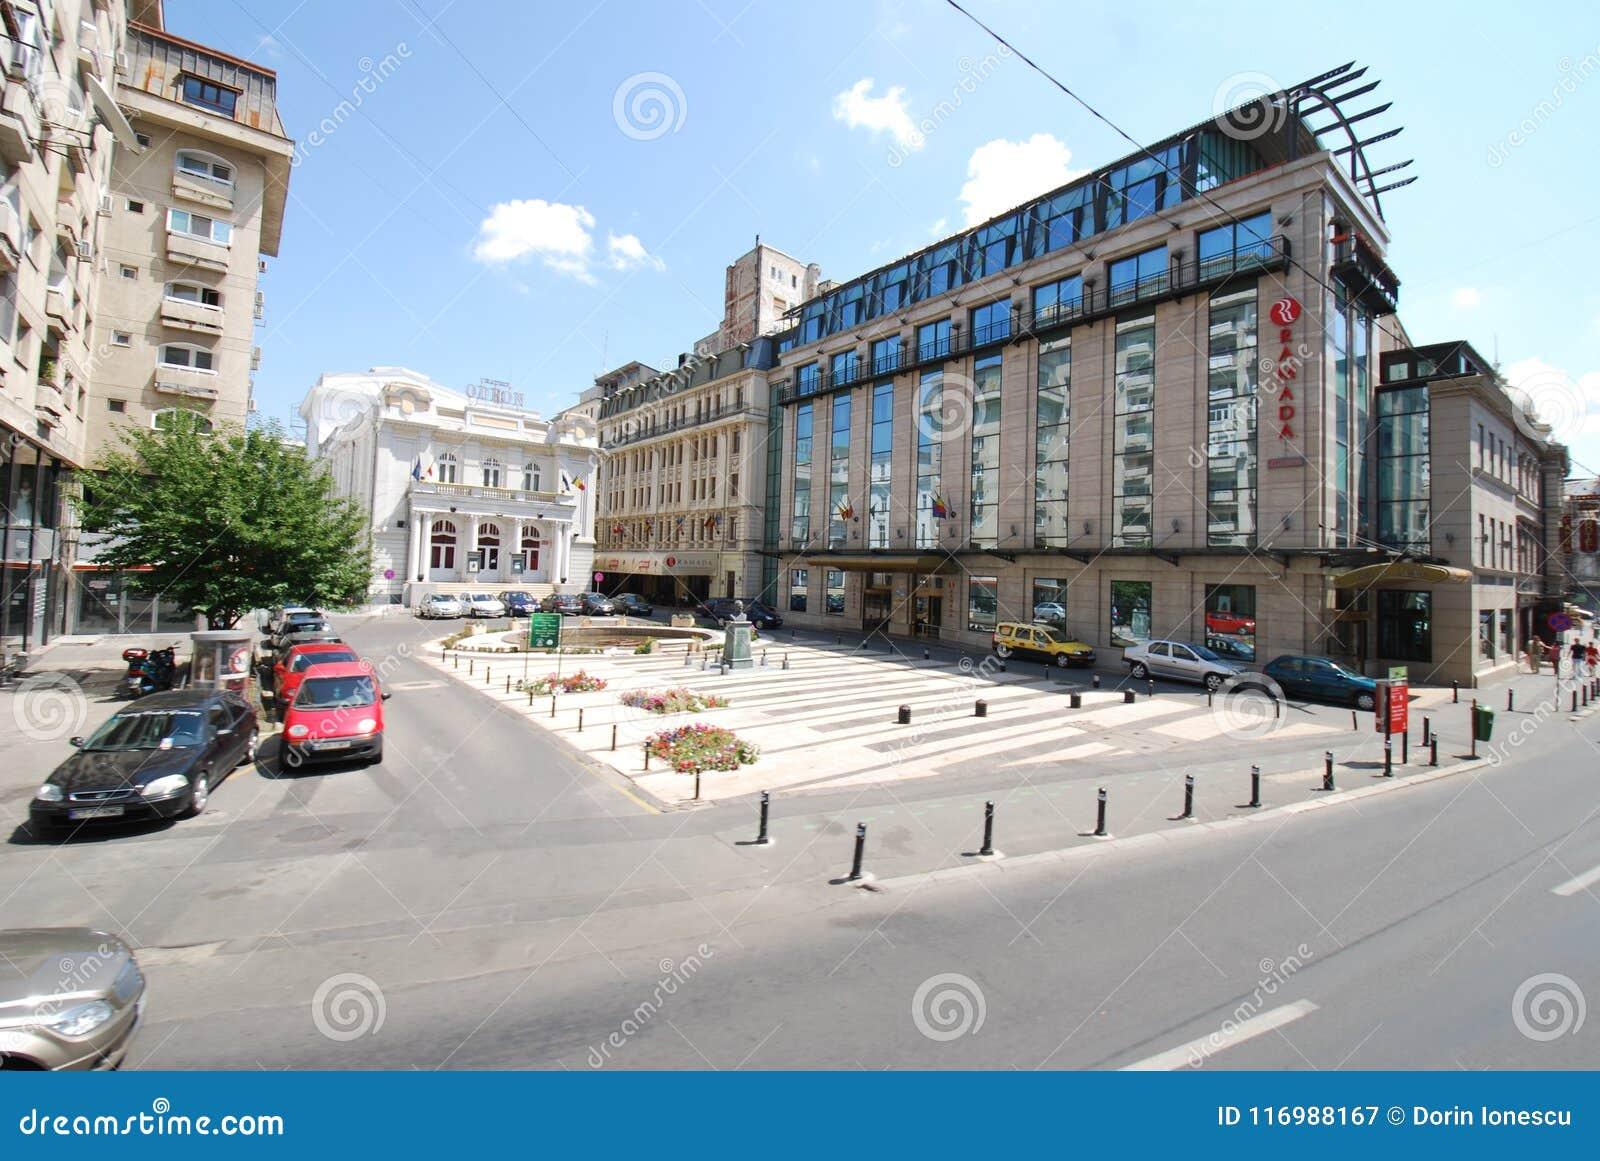 Θέατρο Odeon, μητροπολιτική περιοχή, γειτονιά, plaza, μικτή χρήση